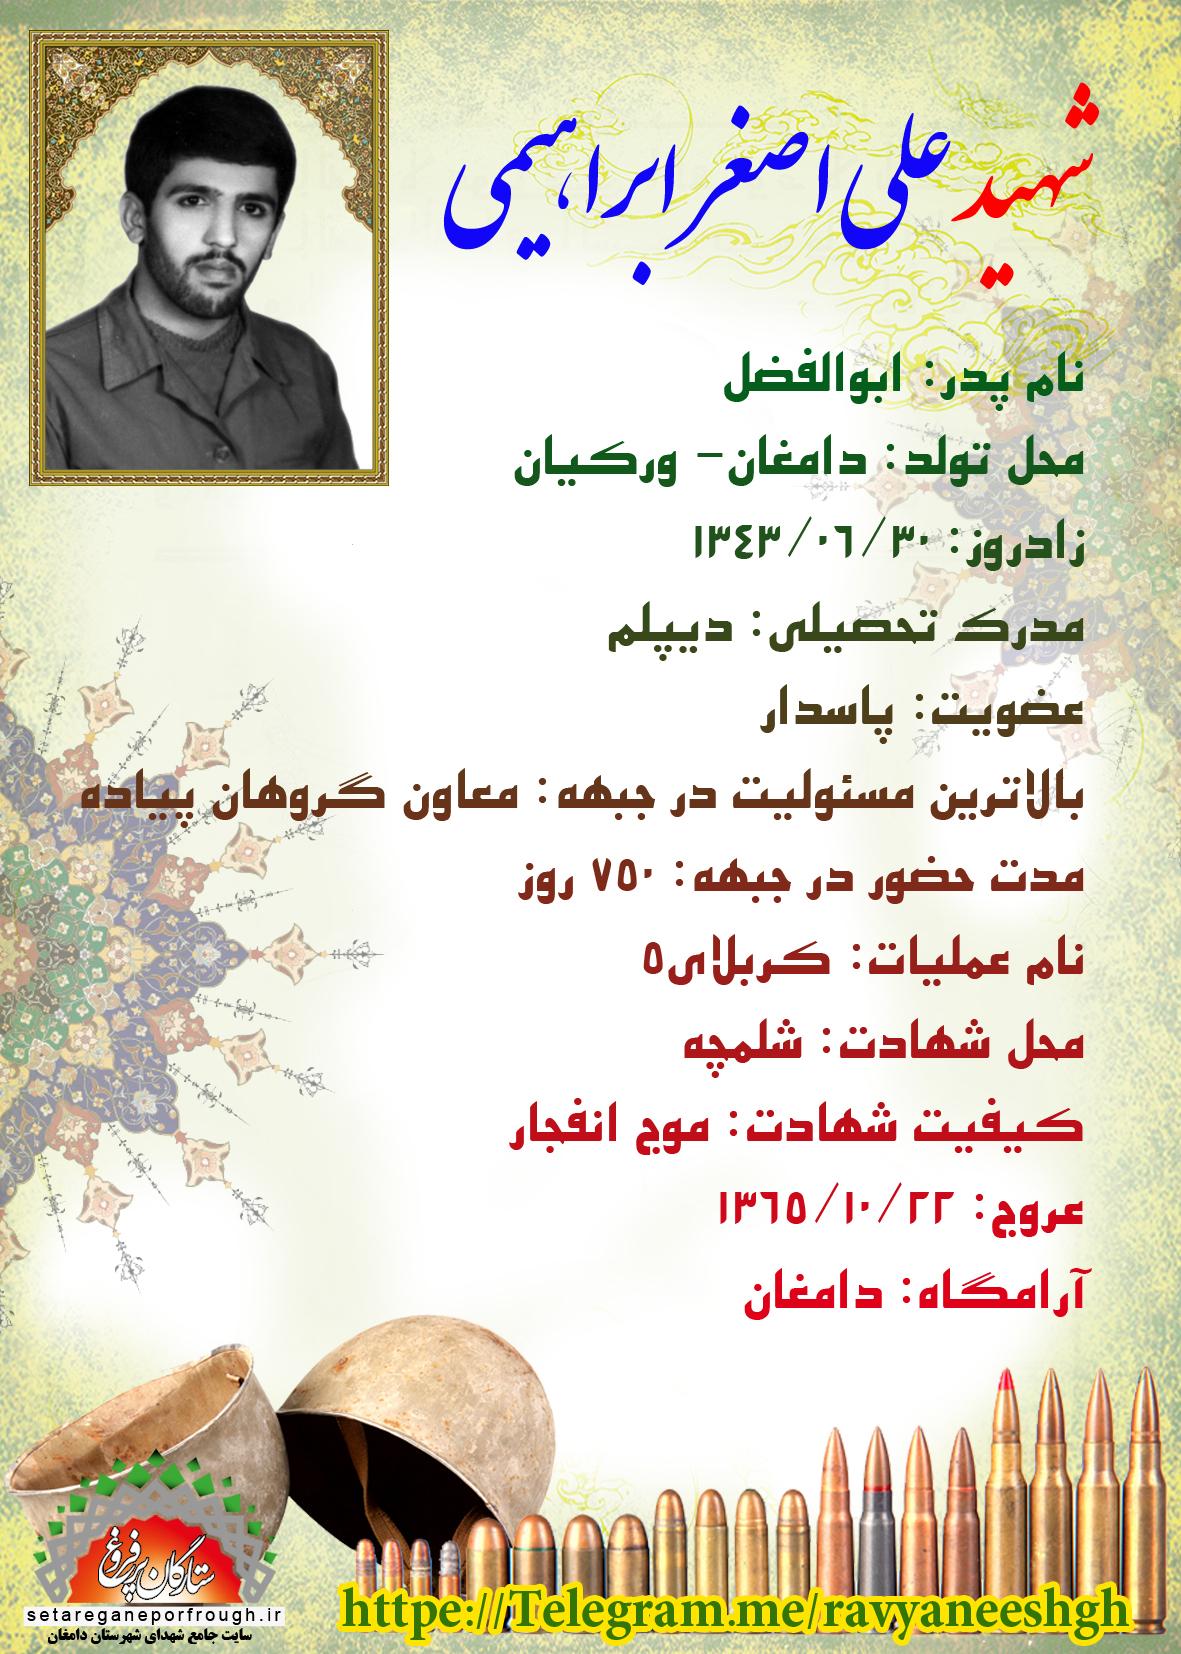 ابراهیمی علی اصغر (4)